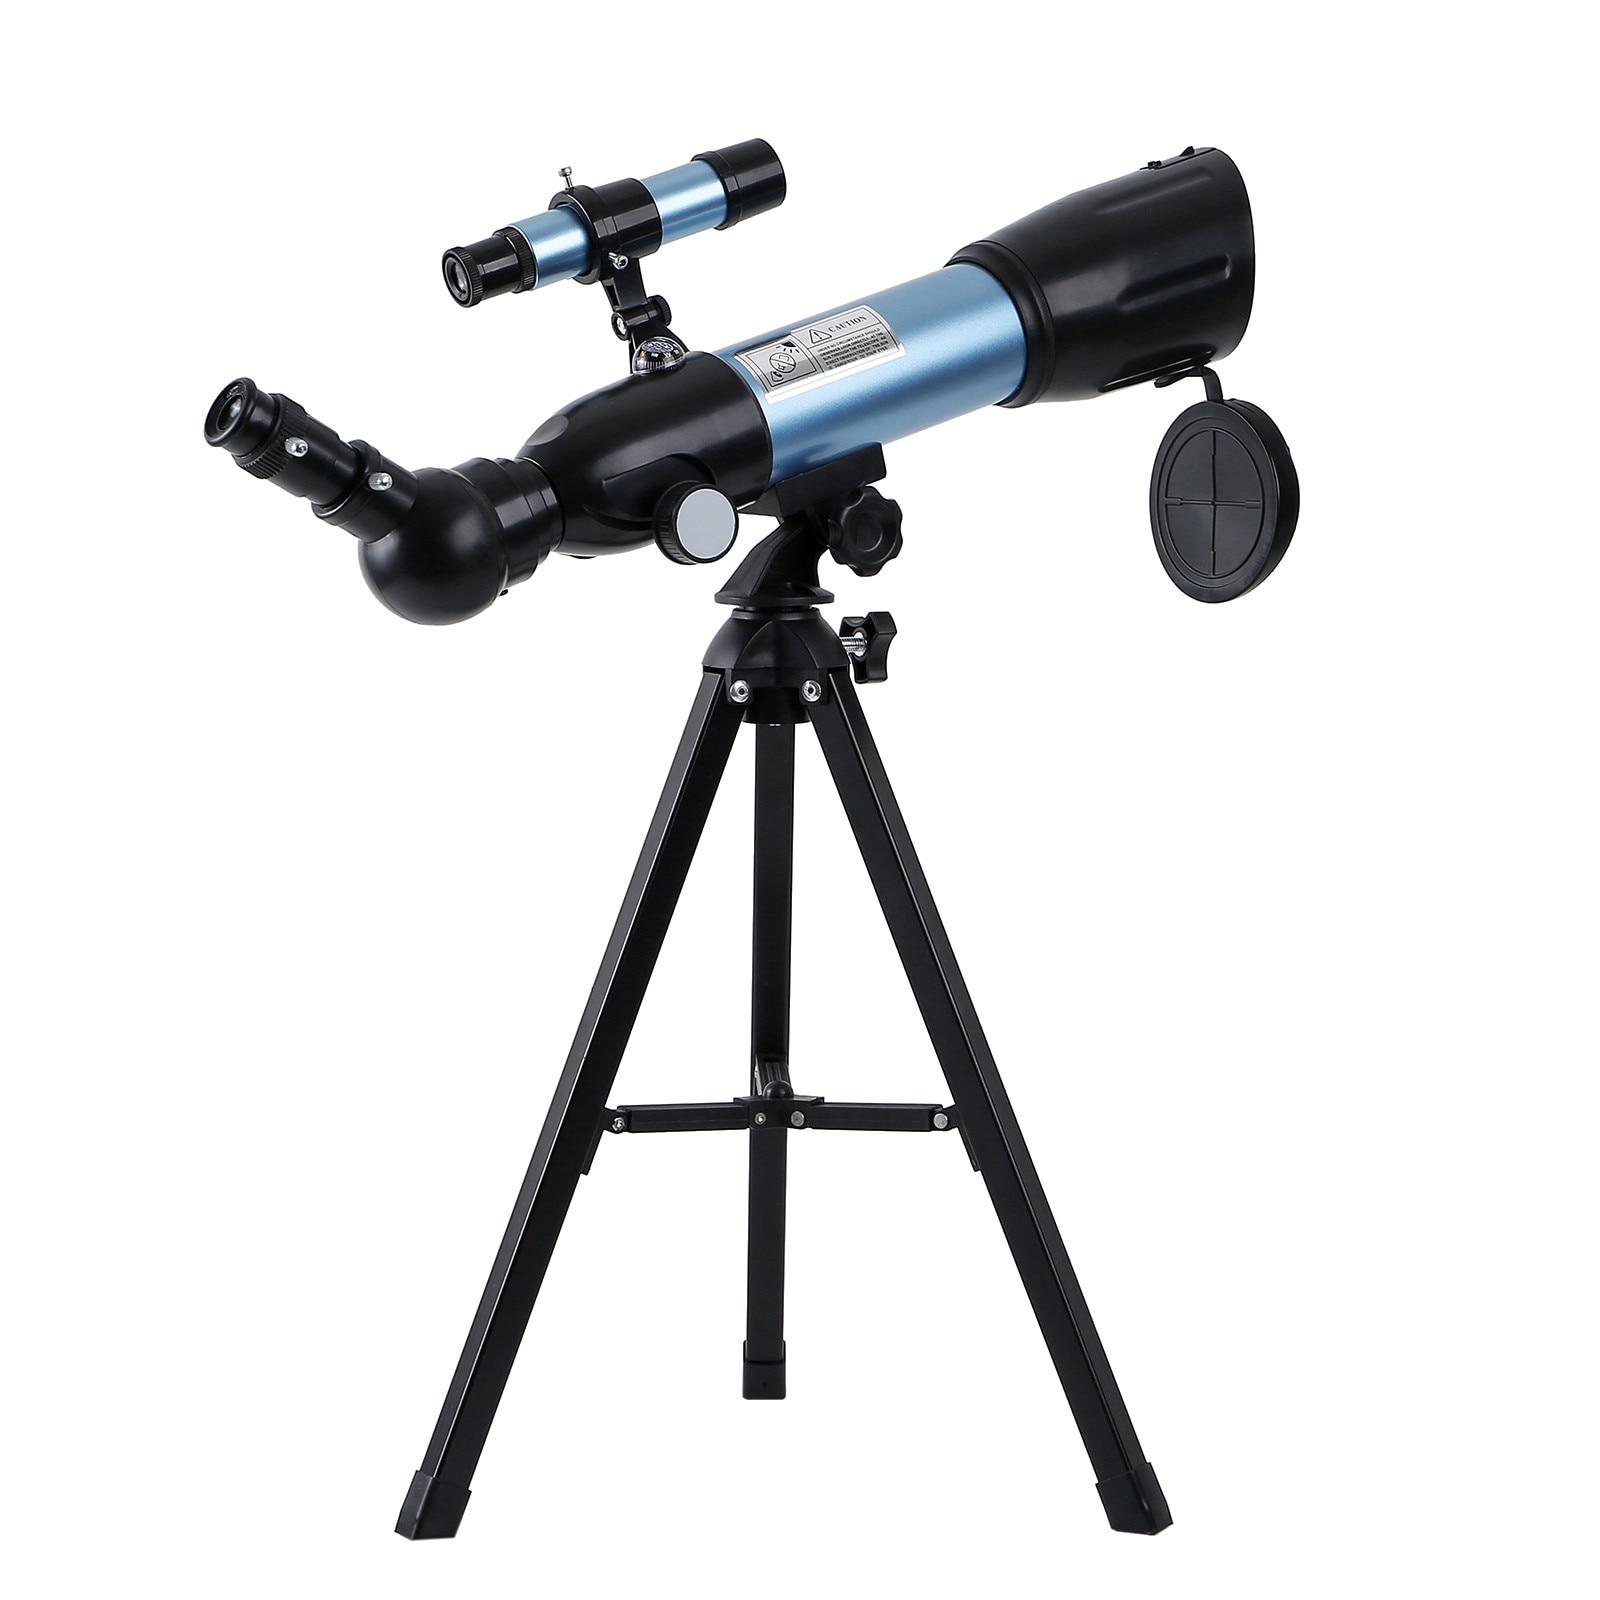 36050N estudiantes y niños pequeños telescopio Monocular de alta calidad entrada juguetes tecnológicos entrada telescopio astronómico